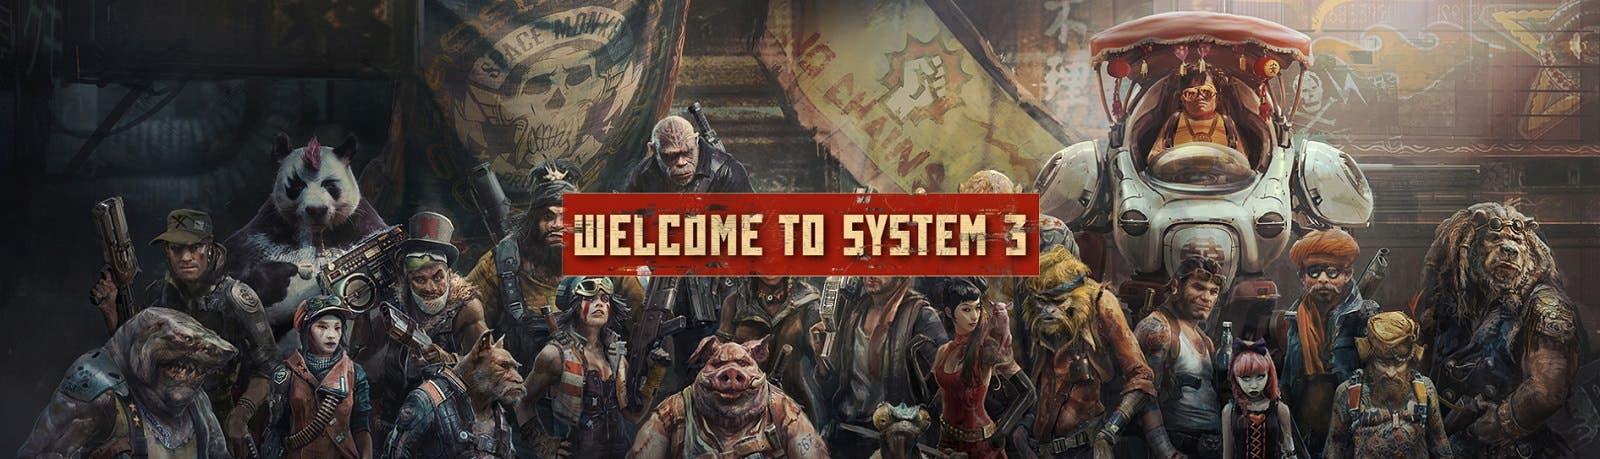 Todo lo que sabemos sobre Beyond Good & Evil 2, la nueva aventura espacial de Ubisoft 5